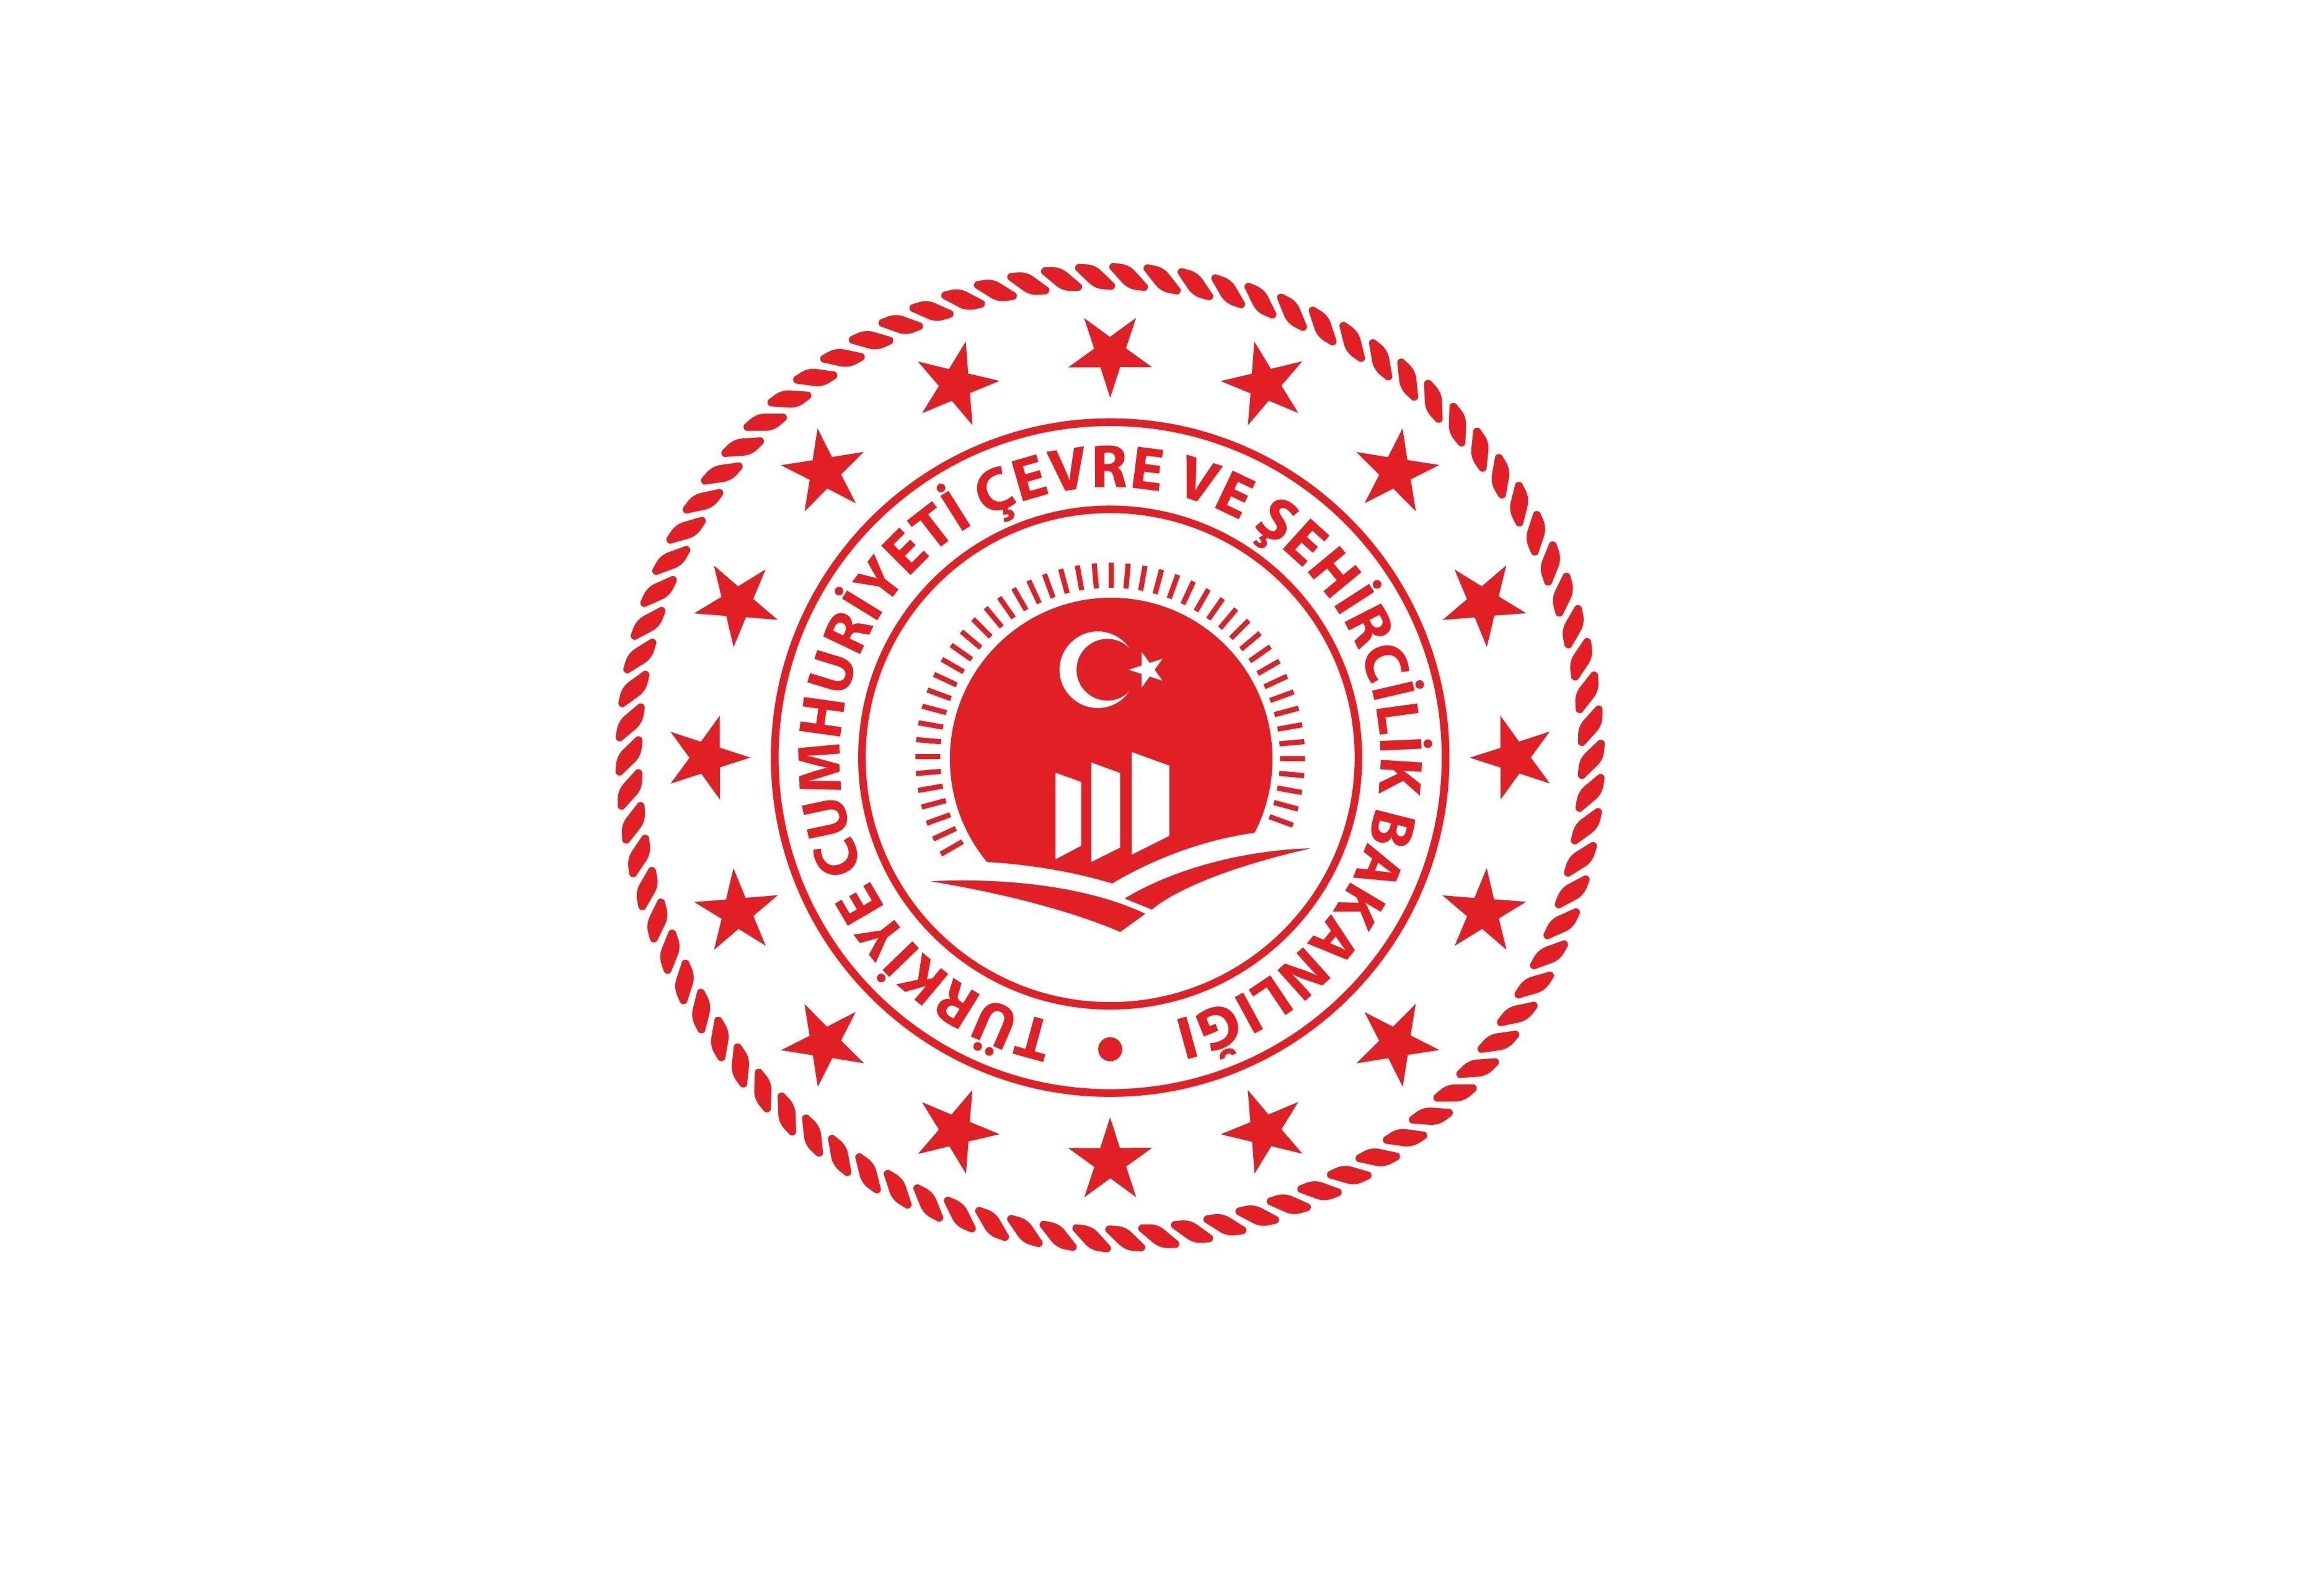 Şube Müdürlüğü Görevde Yükselme Sınavı 03 Ekim 2020 Tarihinde Yapılacaktır.